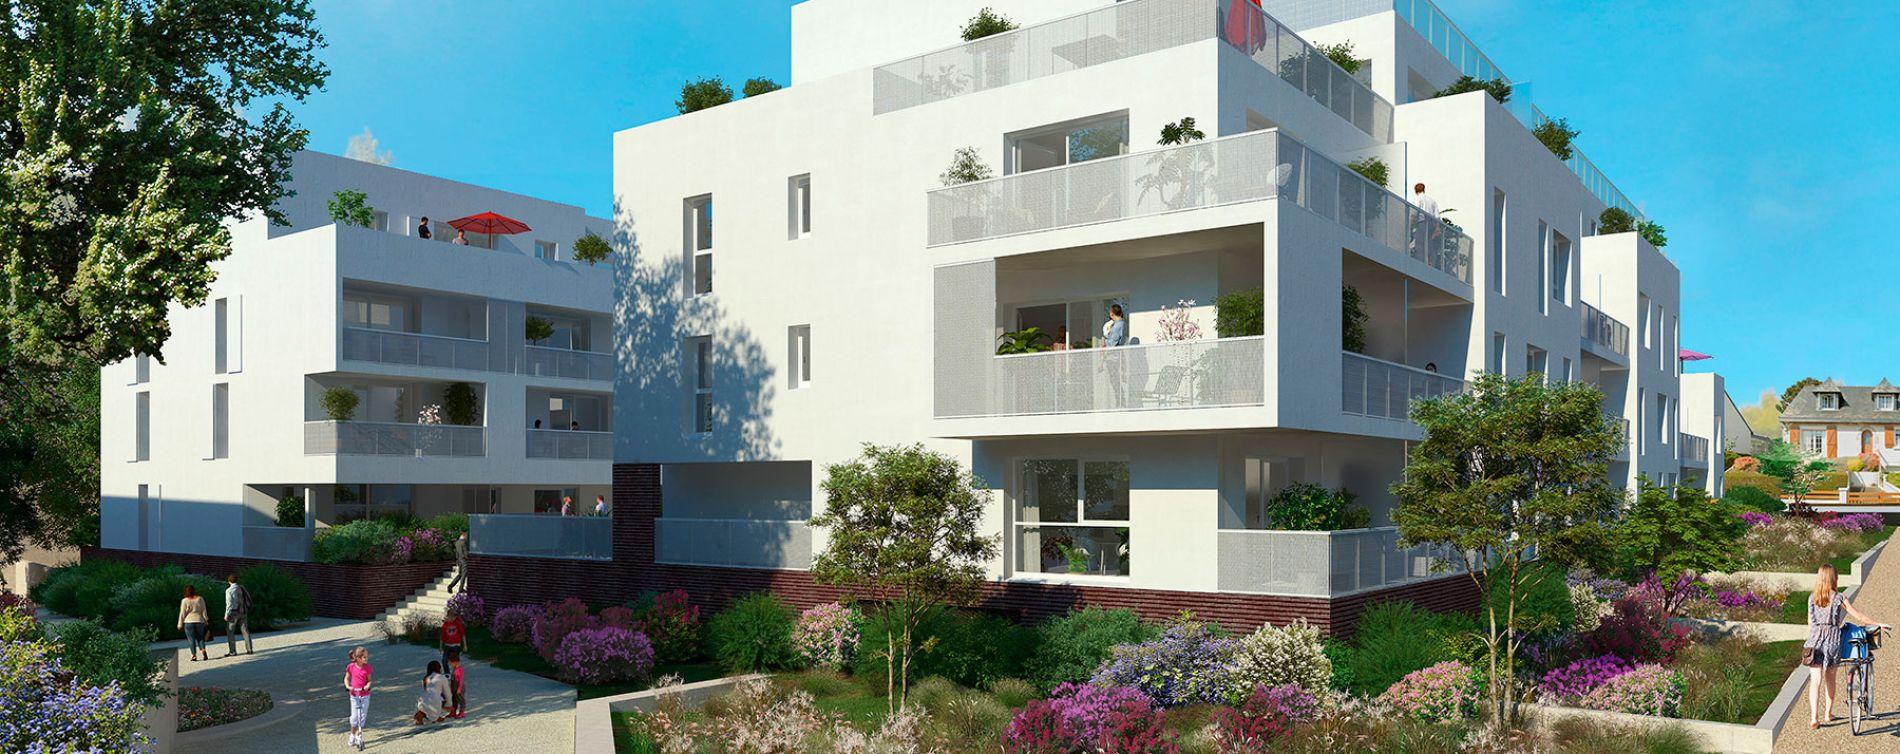 La Chapelle-des-Fougeretz : programme immobilier neuve « Les Allées Fougeretz »